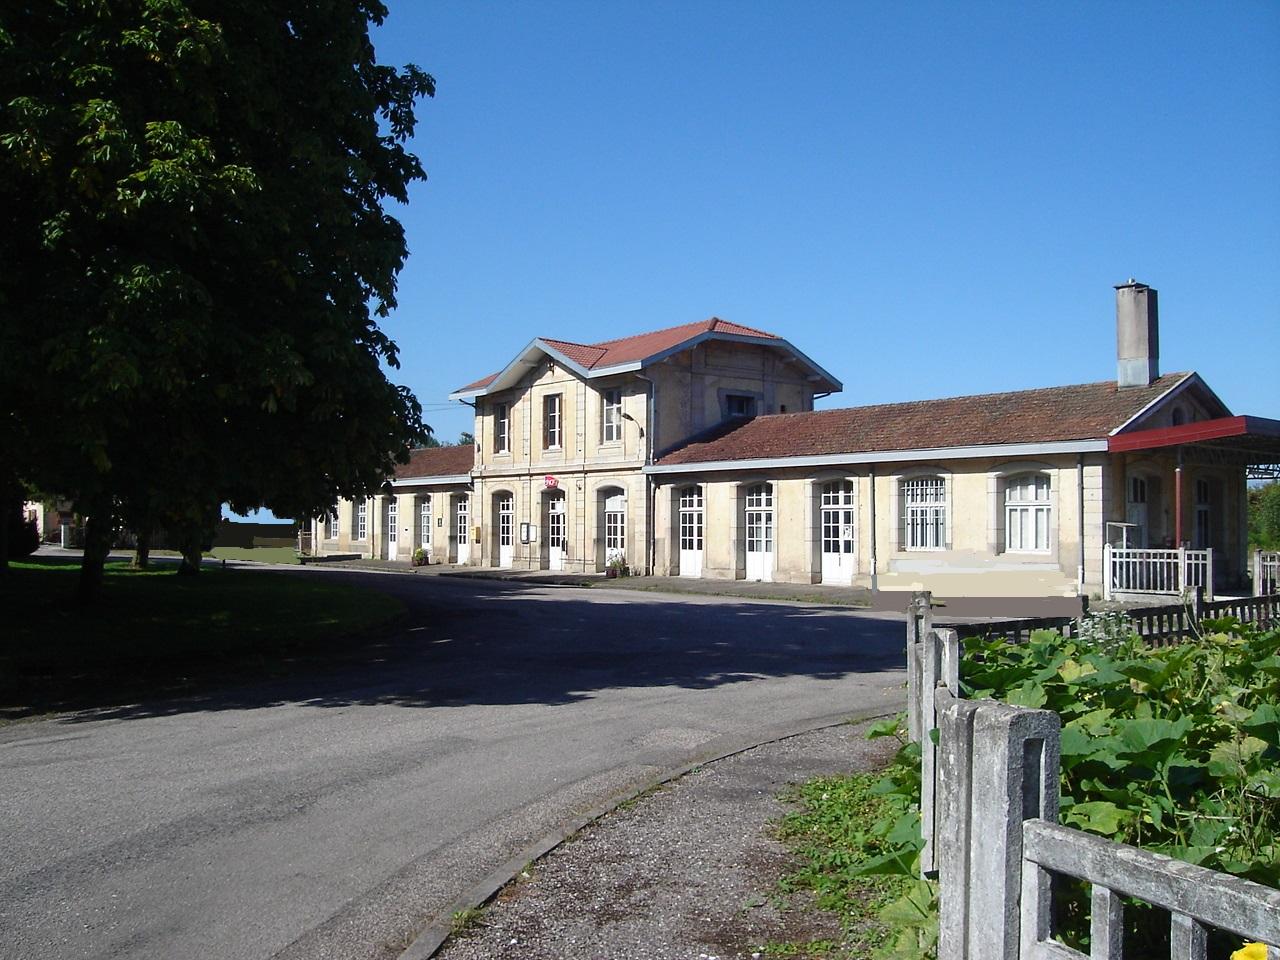 gare-aujourdhui